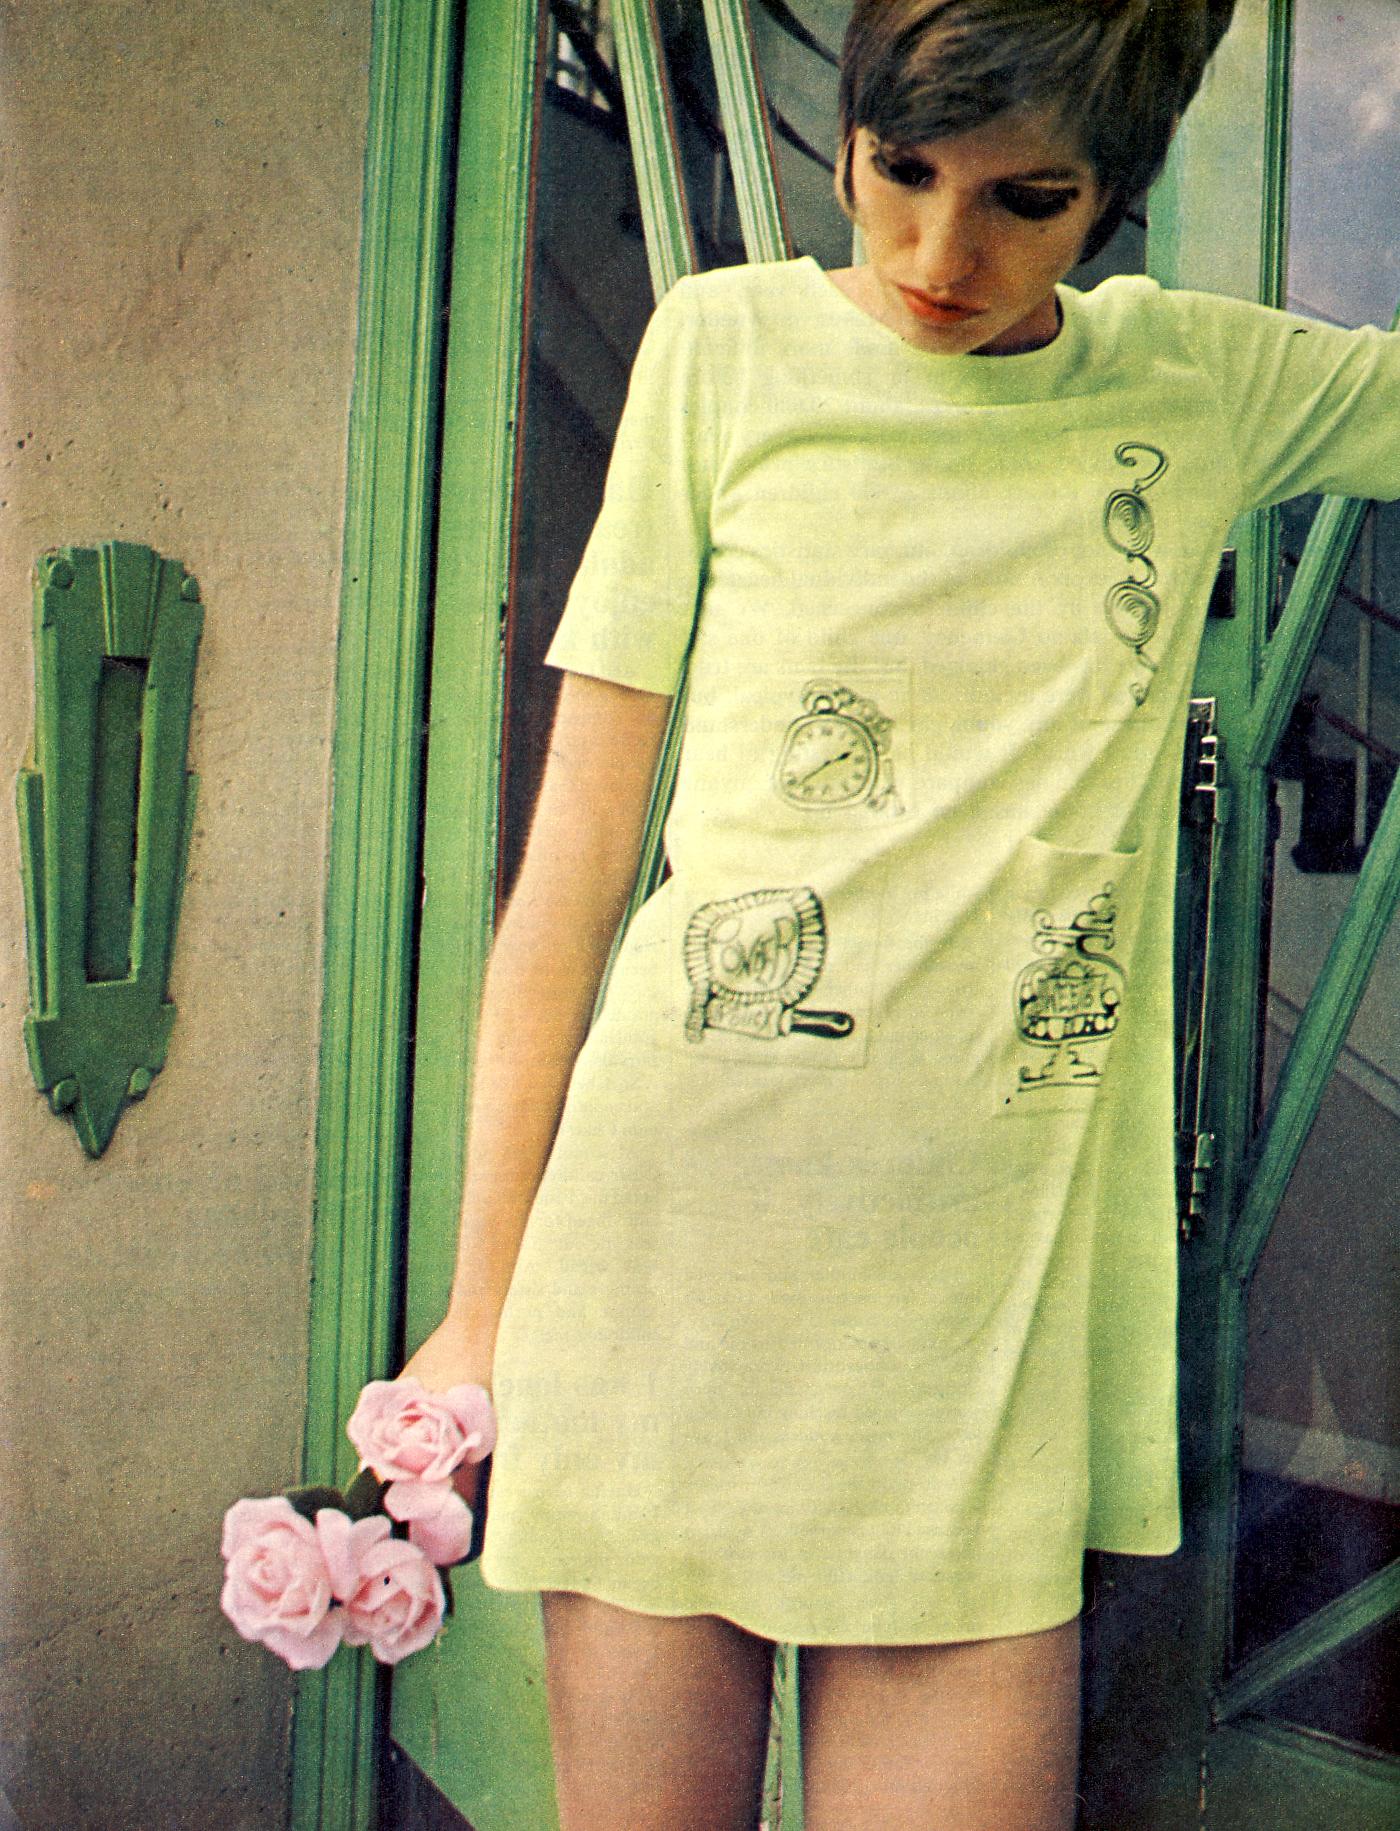 Petticoat JSP g